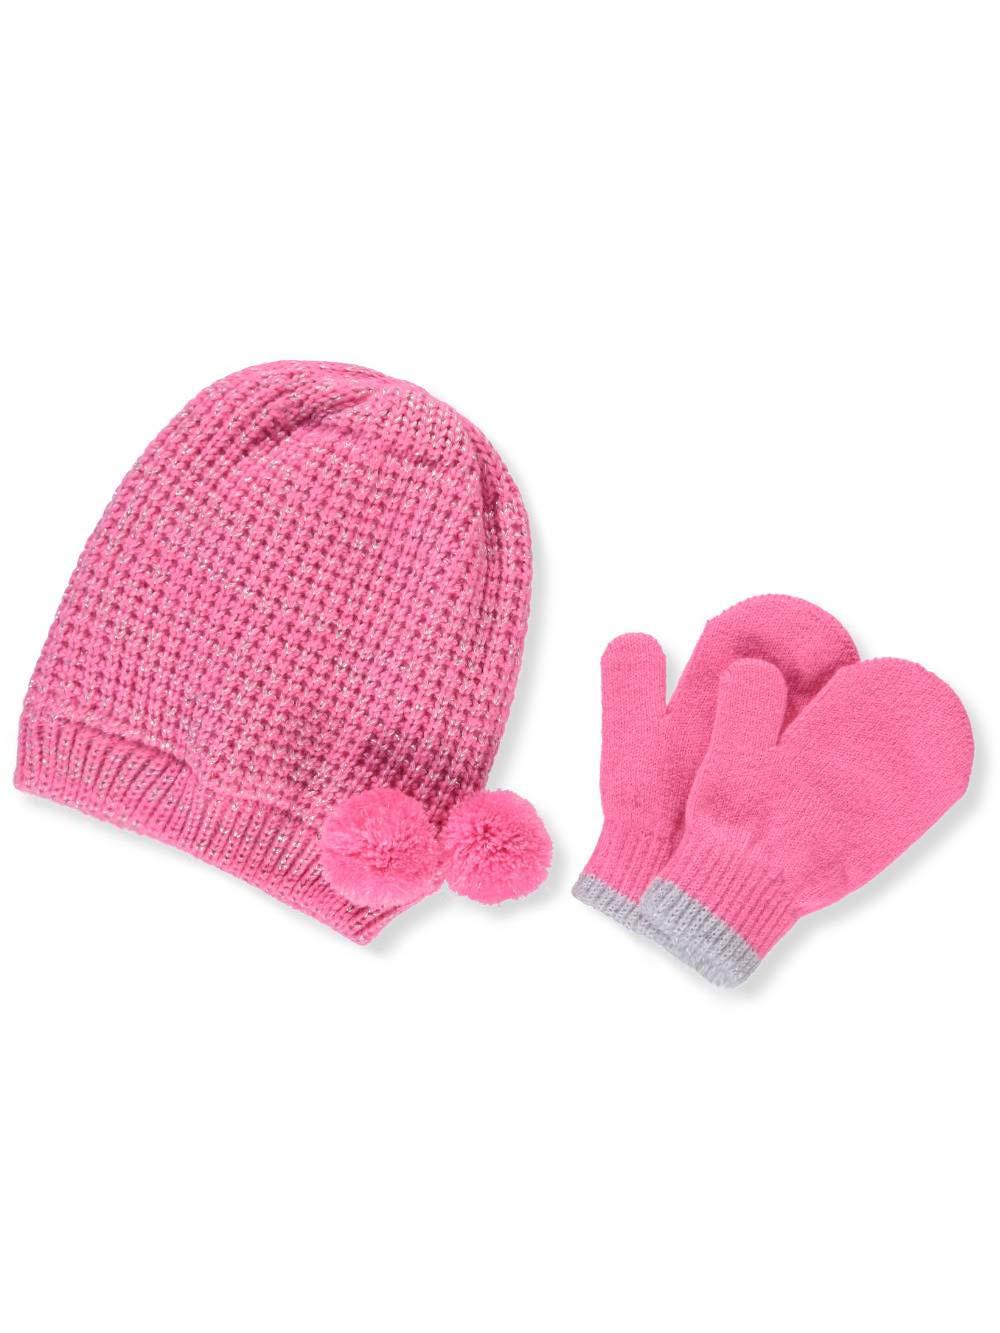 Carter's Baby Girls' Beanie & Mittens Set - pink, 12-24 months Carter's